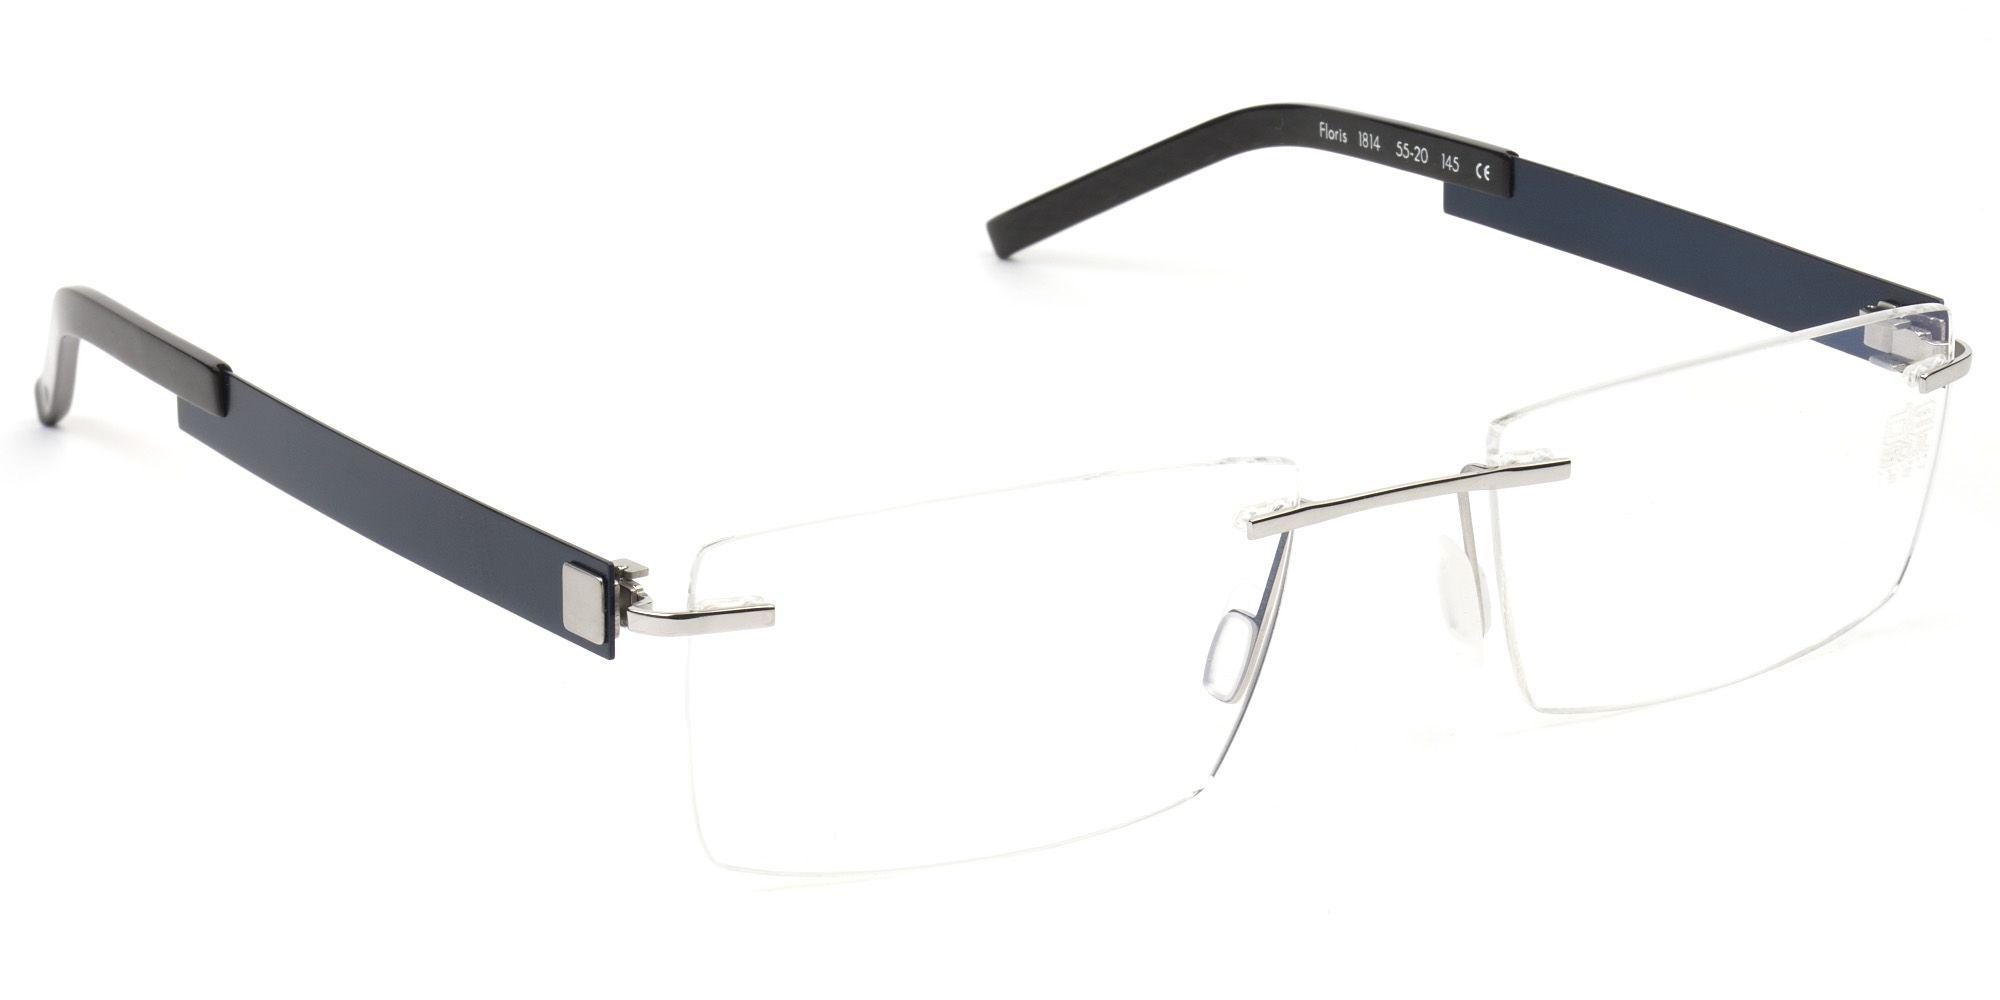 de stijl brillen